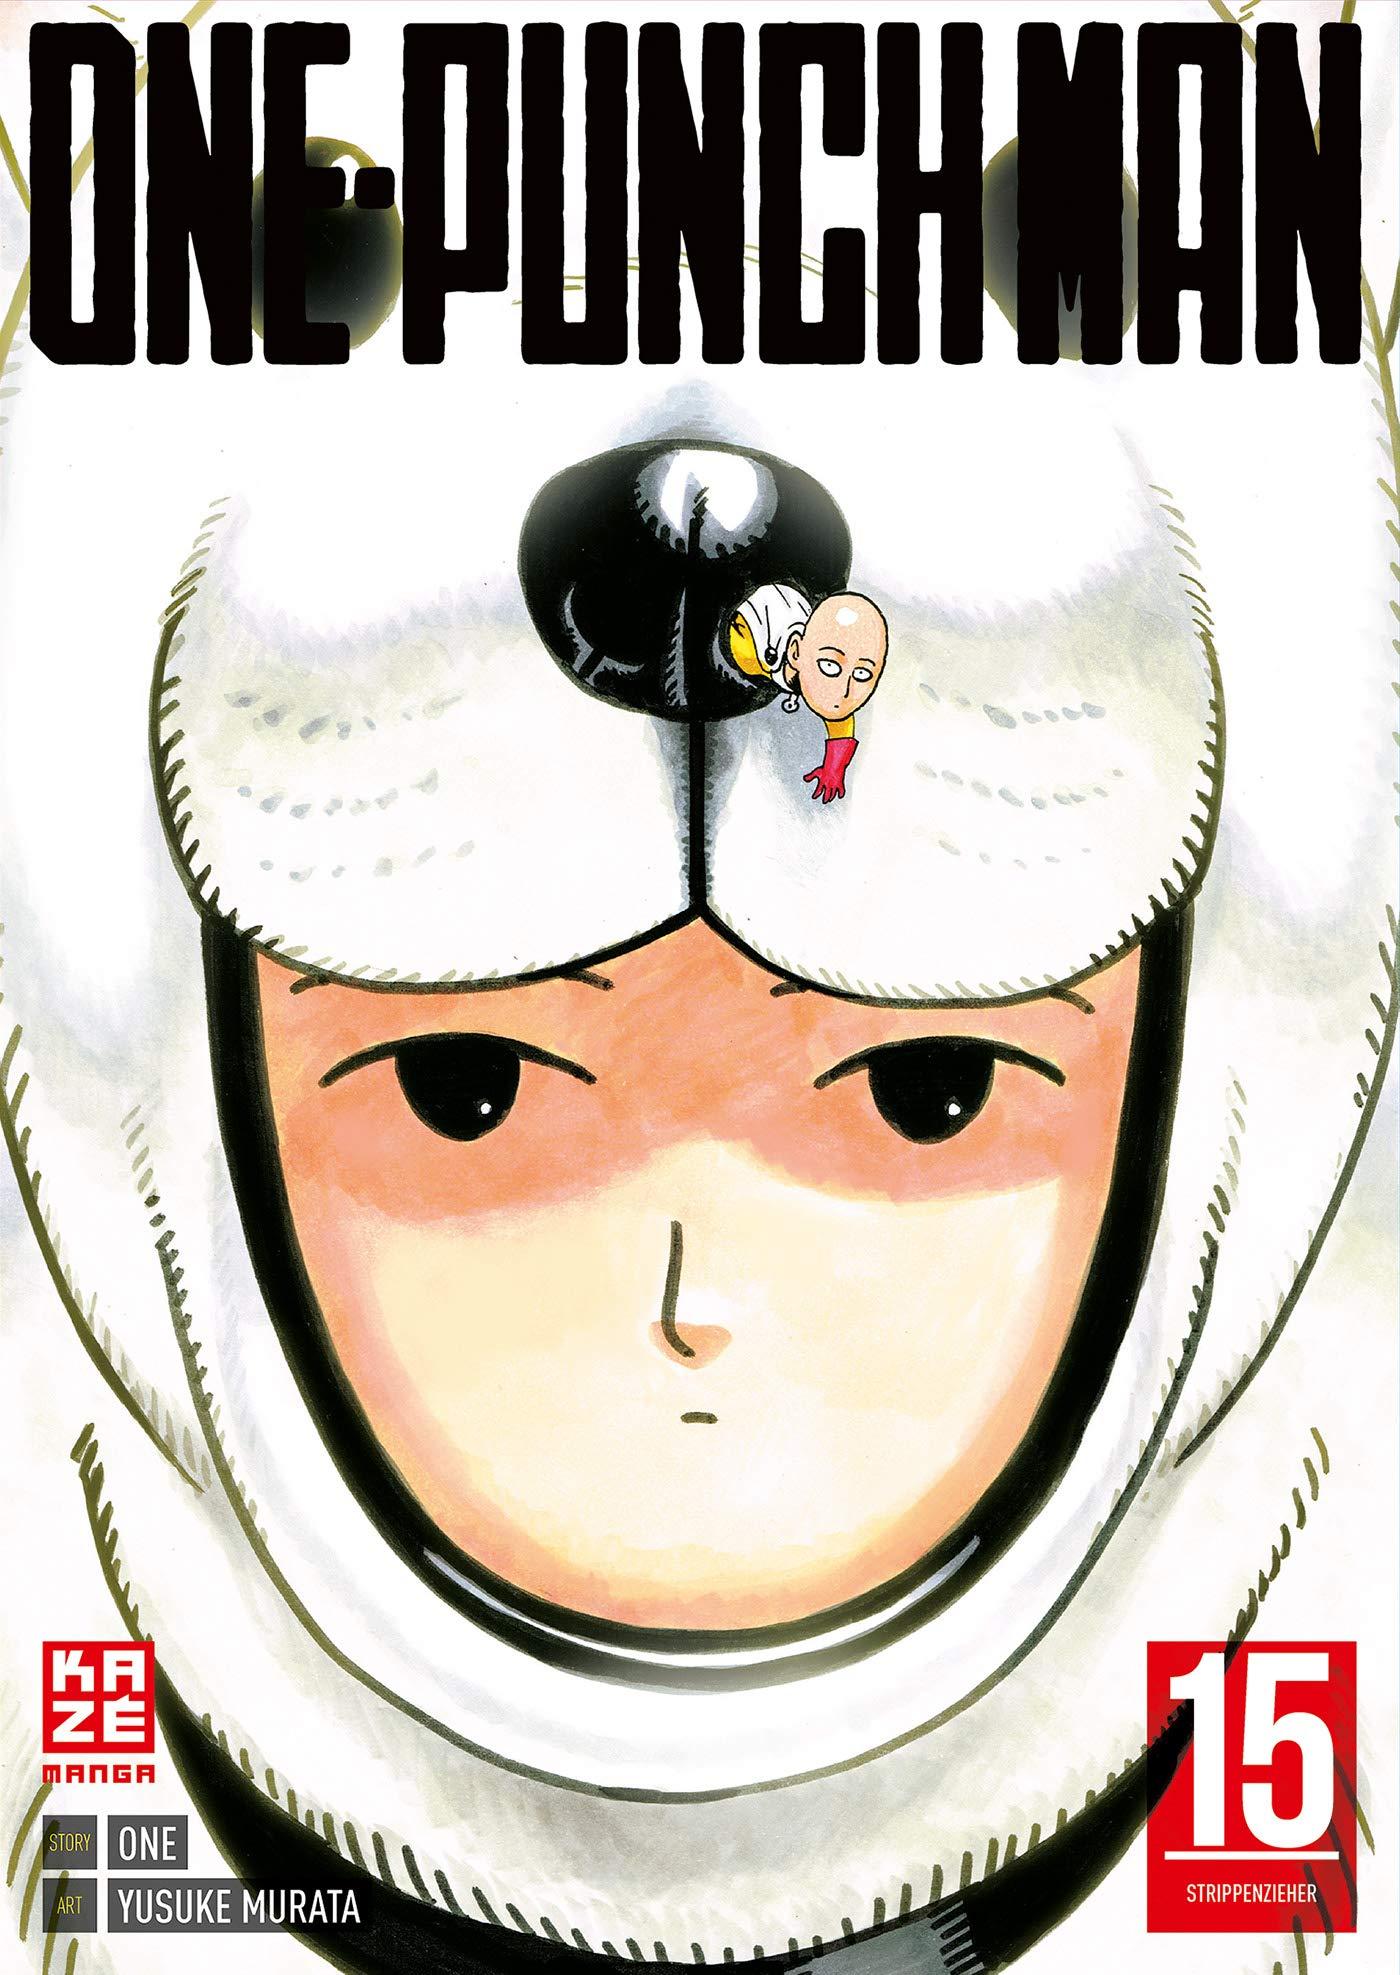 ONE-PUNCH MAN 15 Taschenbuch – 6. Dezember 2018 Yusuke Murata John Schmitt-Weigand KAZÉ Manga 2889218597